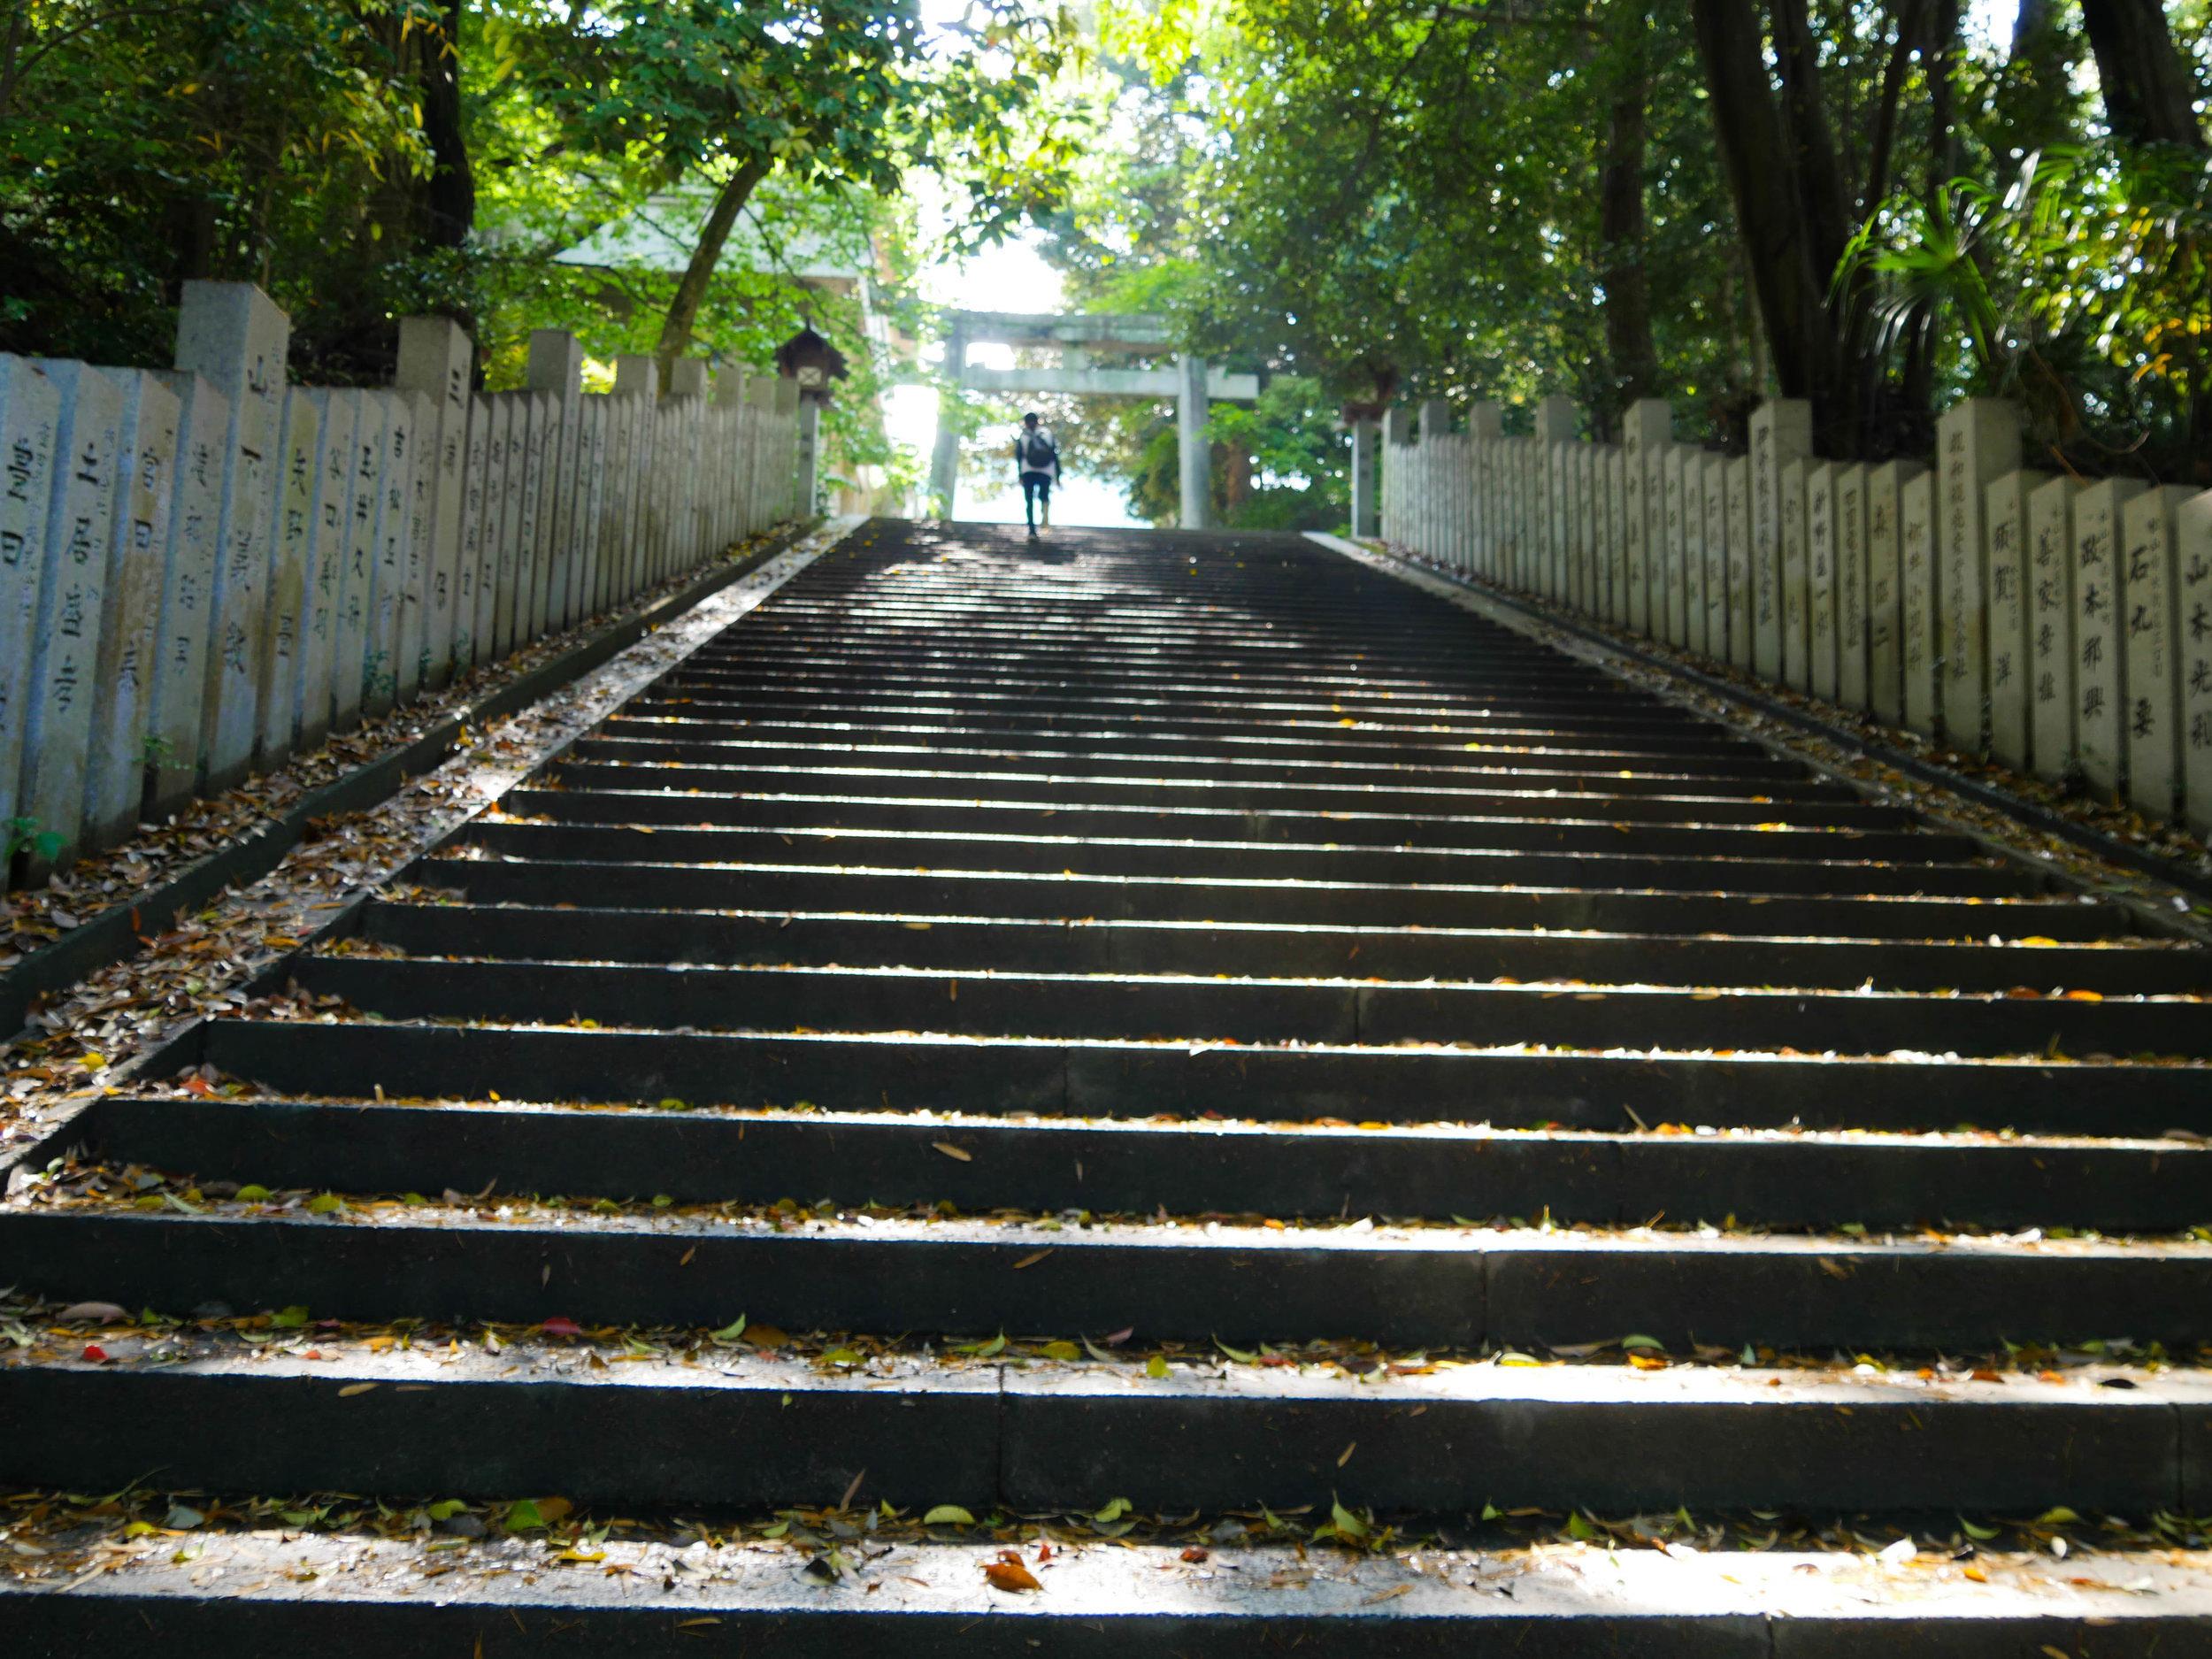 matsuyama-castle-hill-7.jpg